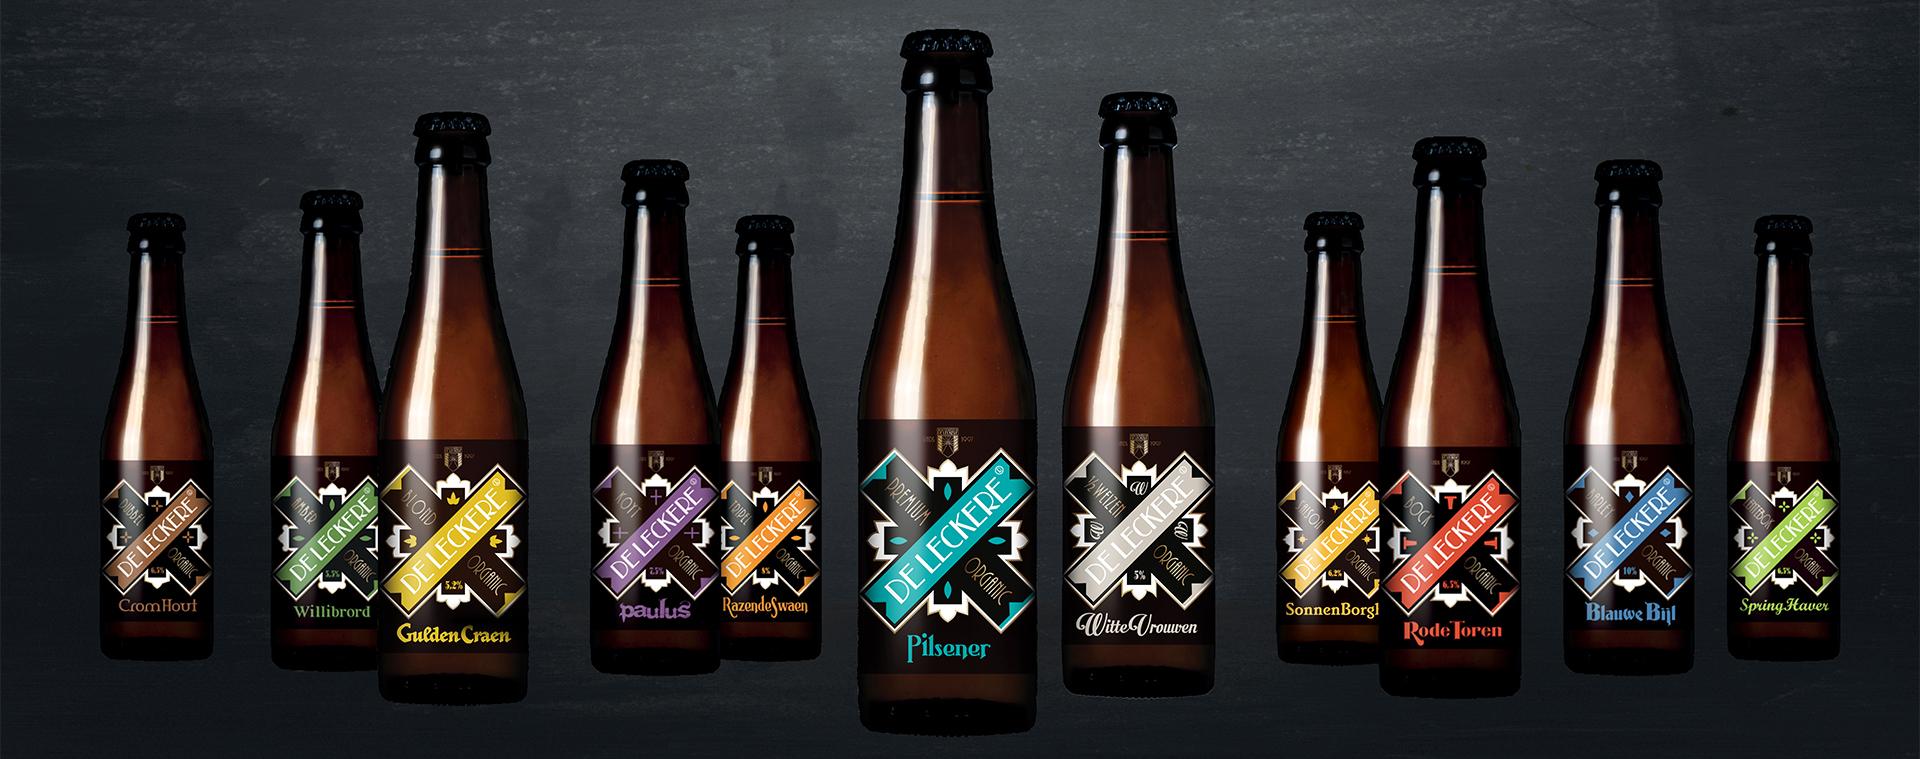 pils-bier-brouwerij-nederland-streekbier-utrecht-deleckere-foto-04